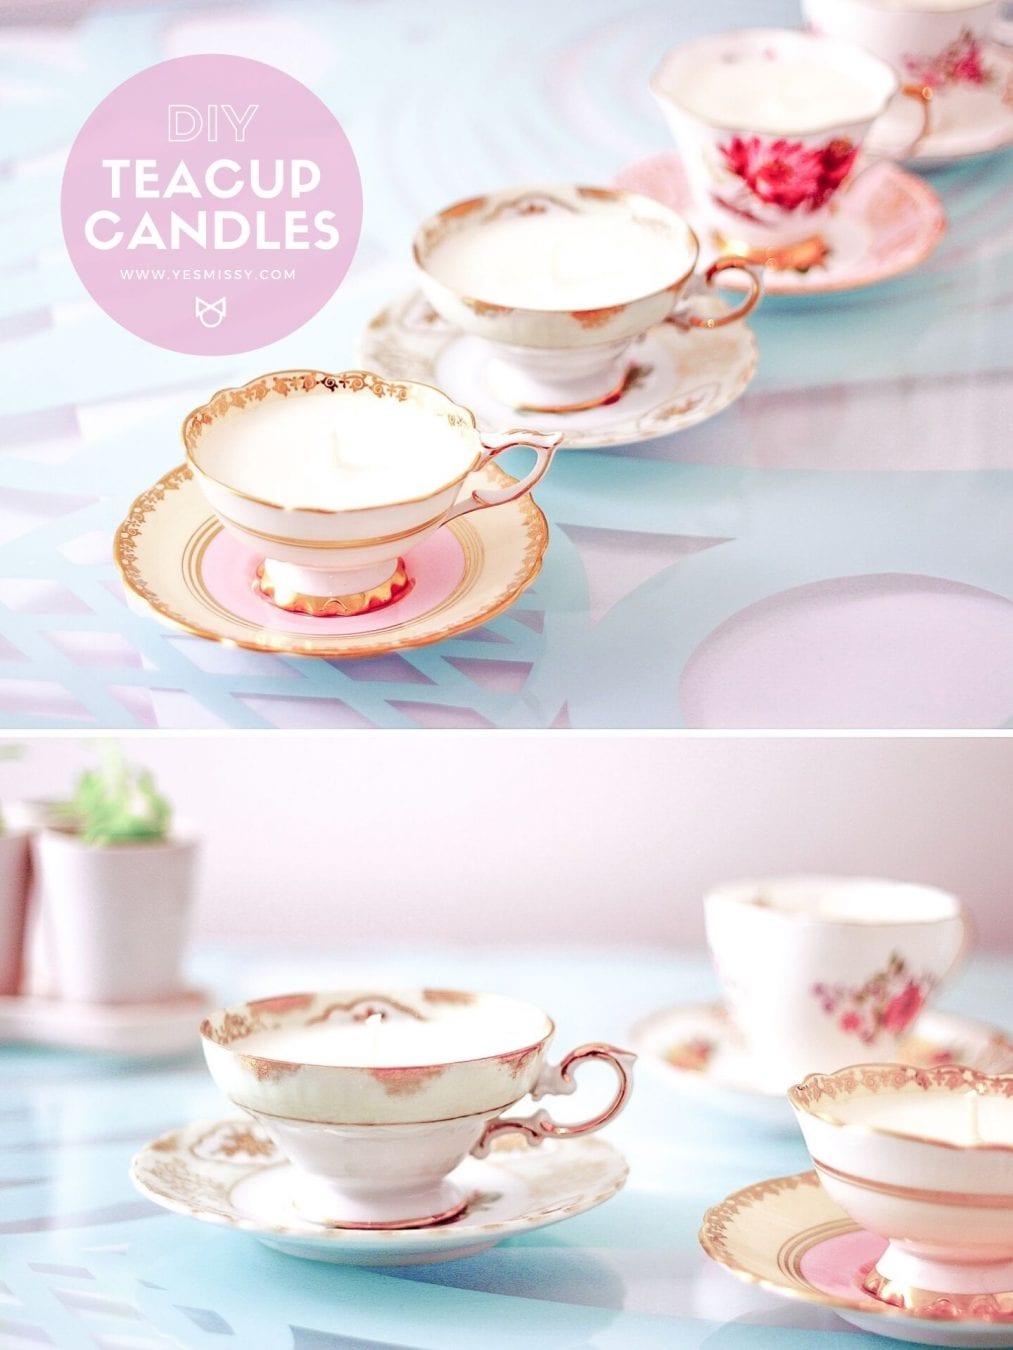 Diy Teacup Candles Tutorial Yesmissy